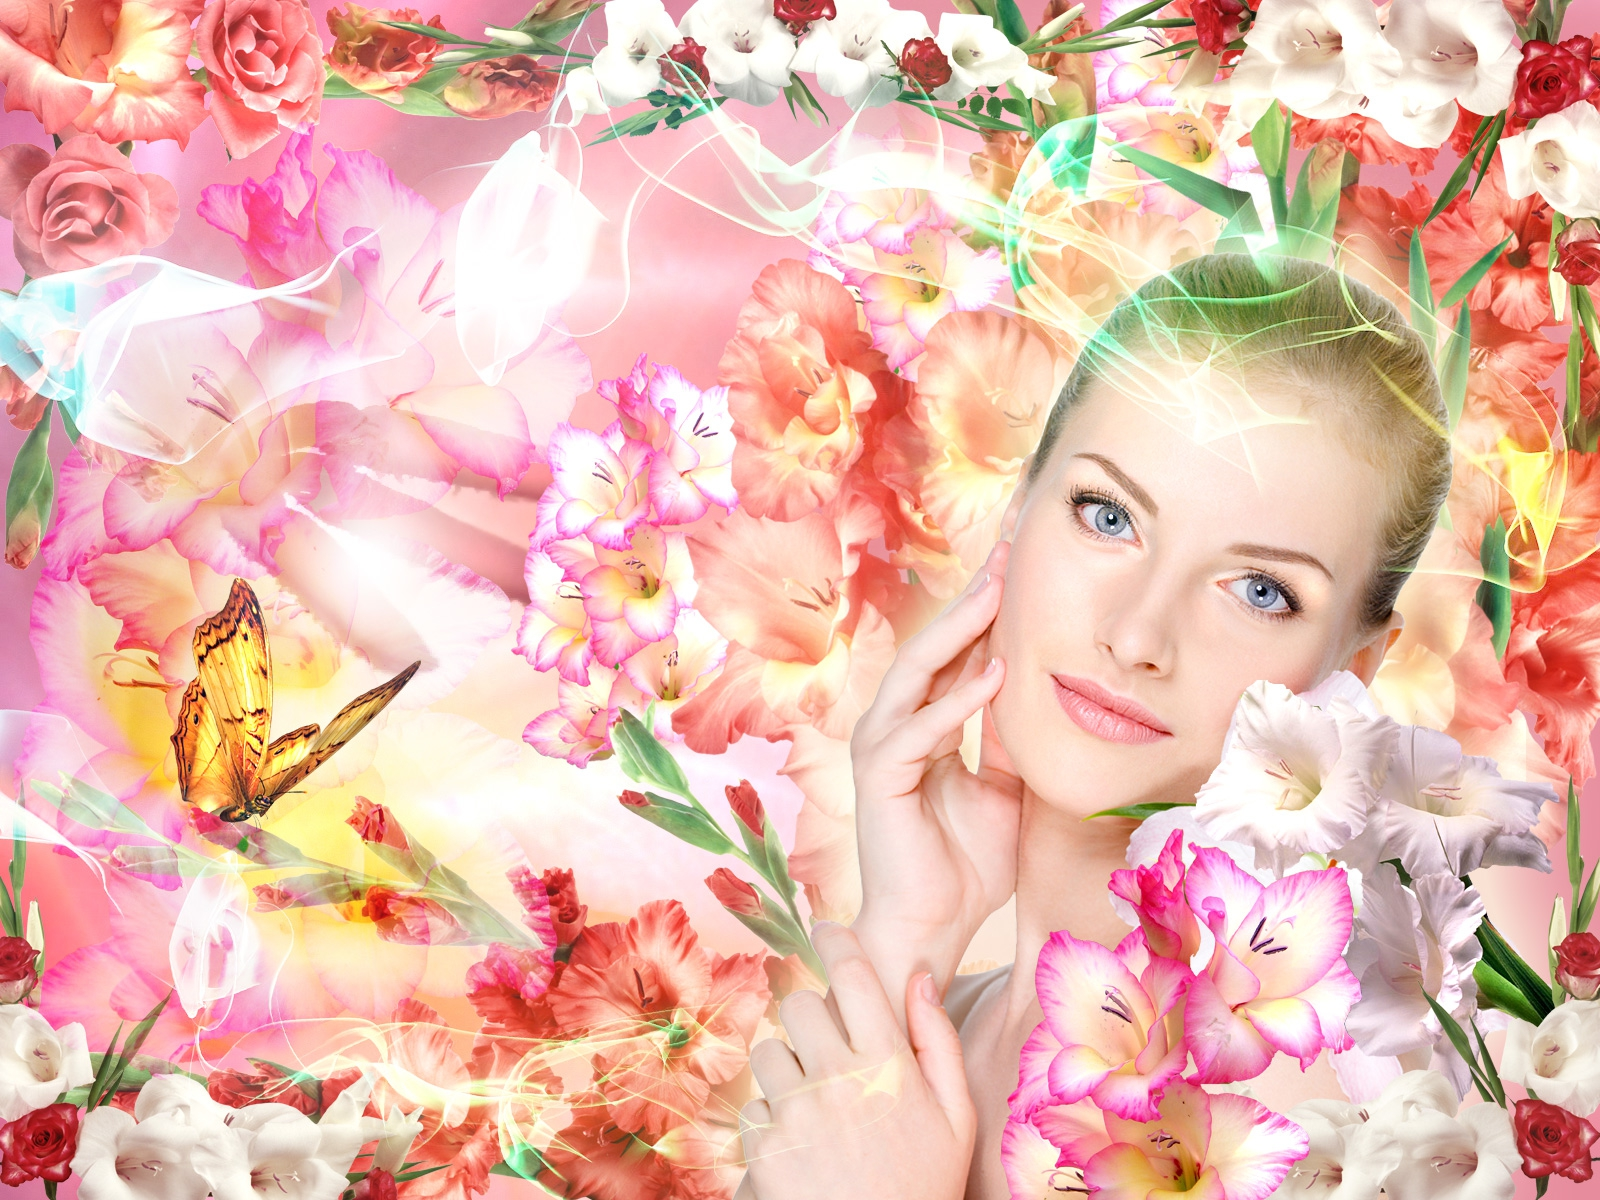 Фото женщины без лица в цветах